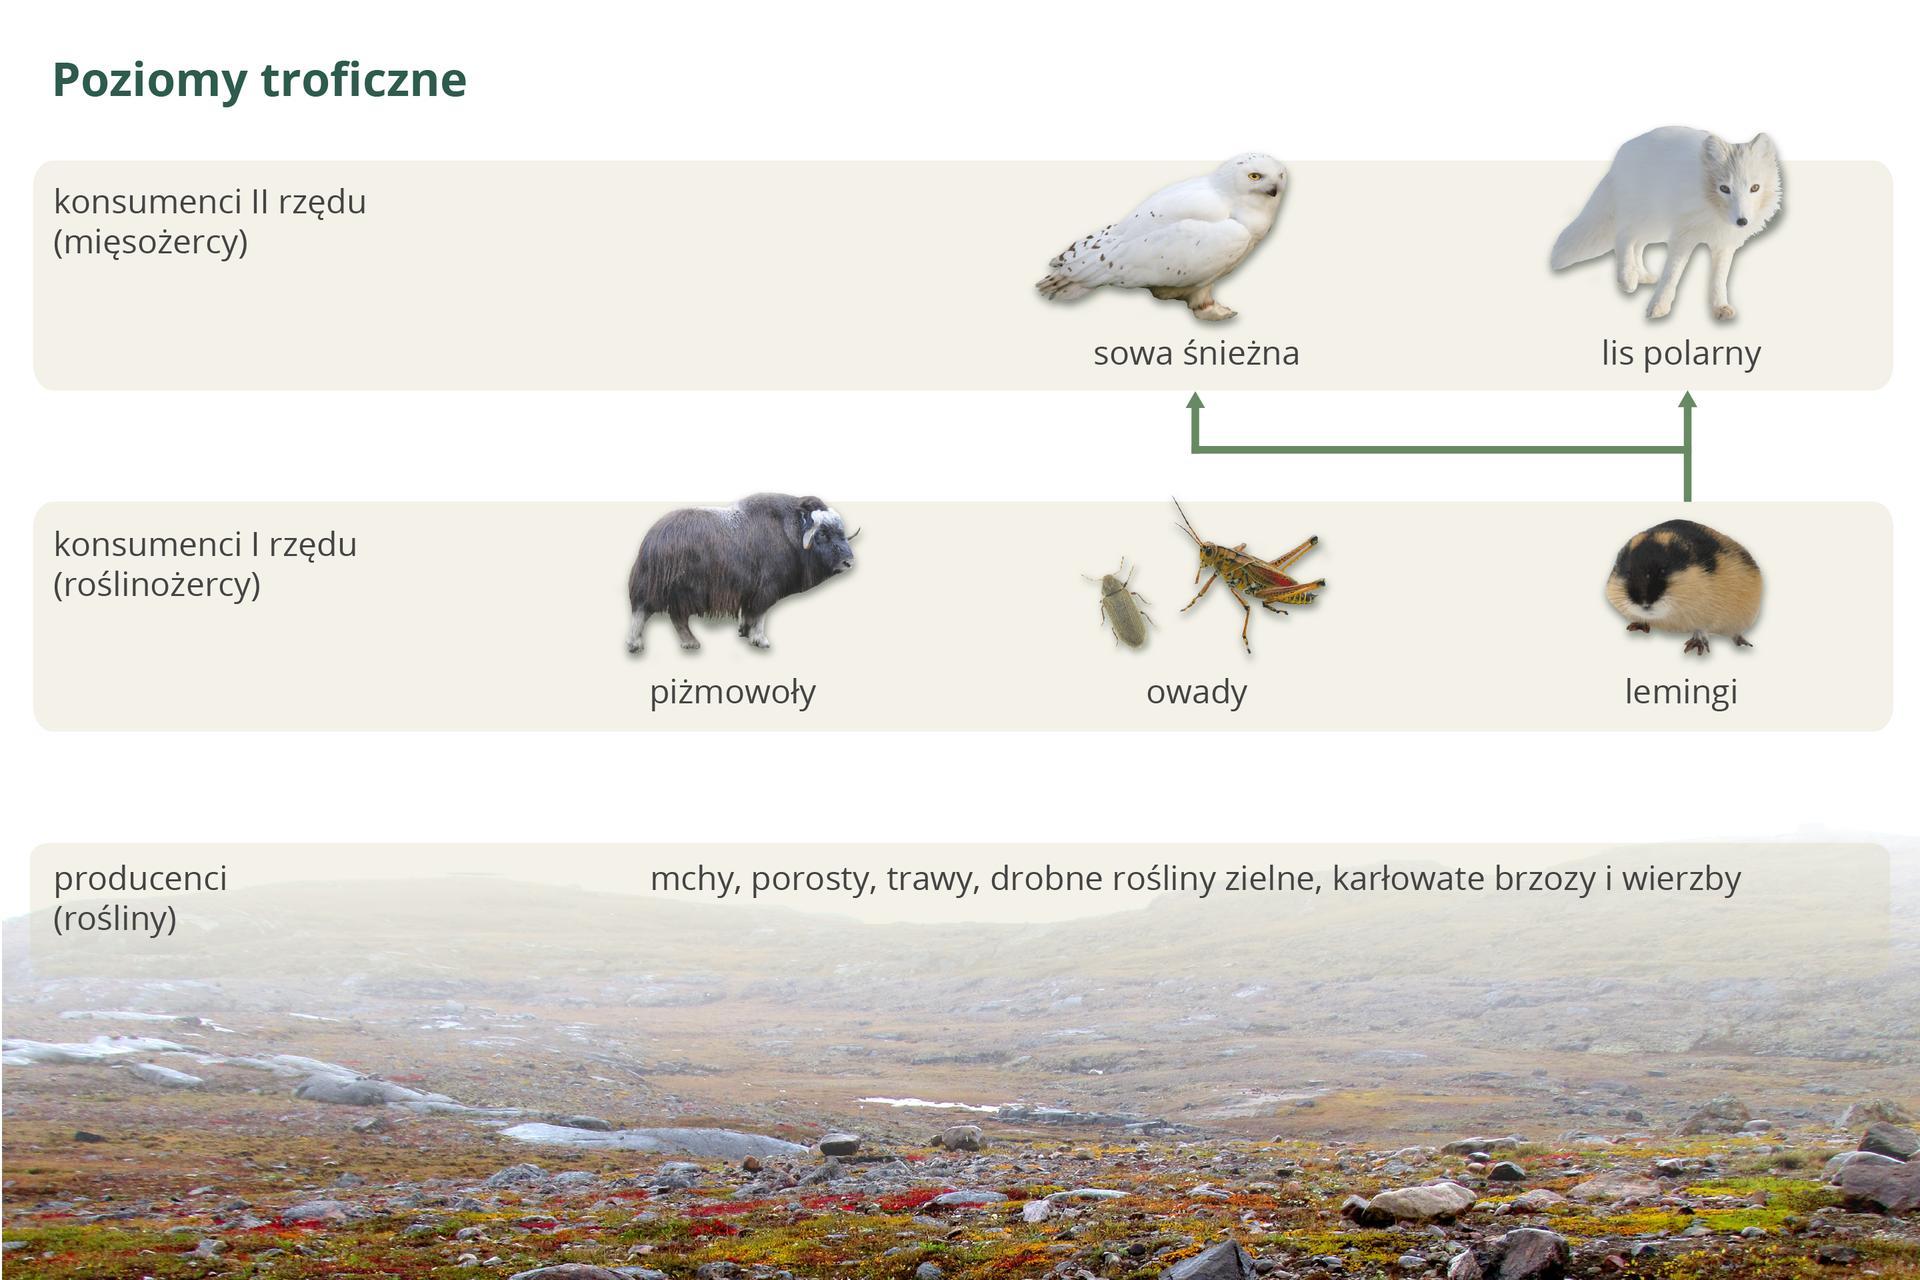 Ilustracja przedstawia poziomy troficzne tundry wpostaci trzech pasów. Udołu krajobraz tundry znapisami, oznaczającymi producentów. Wyżej na kolejnych poziomach podpisane wizerunki konsumentów. Od leminga po prawej zielone strzałki do sowy śnieżnej ilisa polarnego.